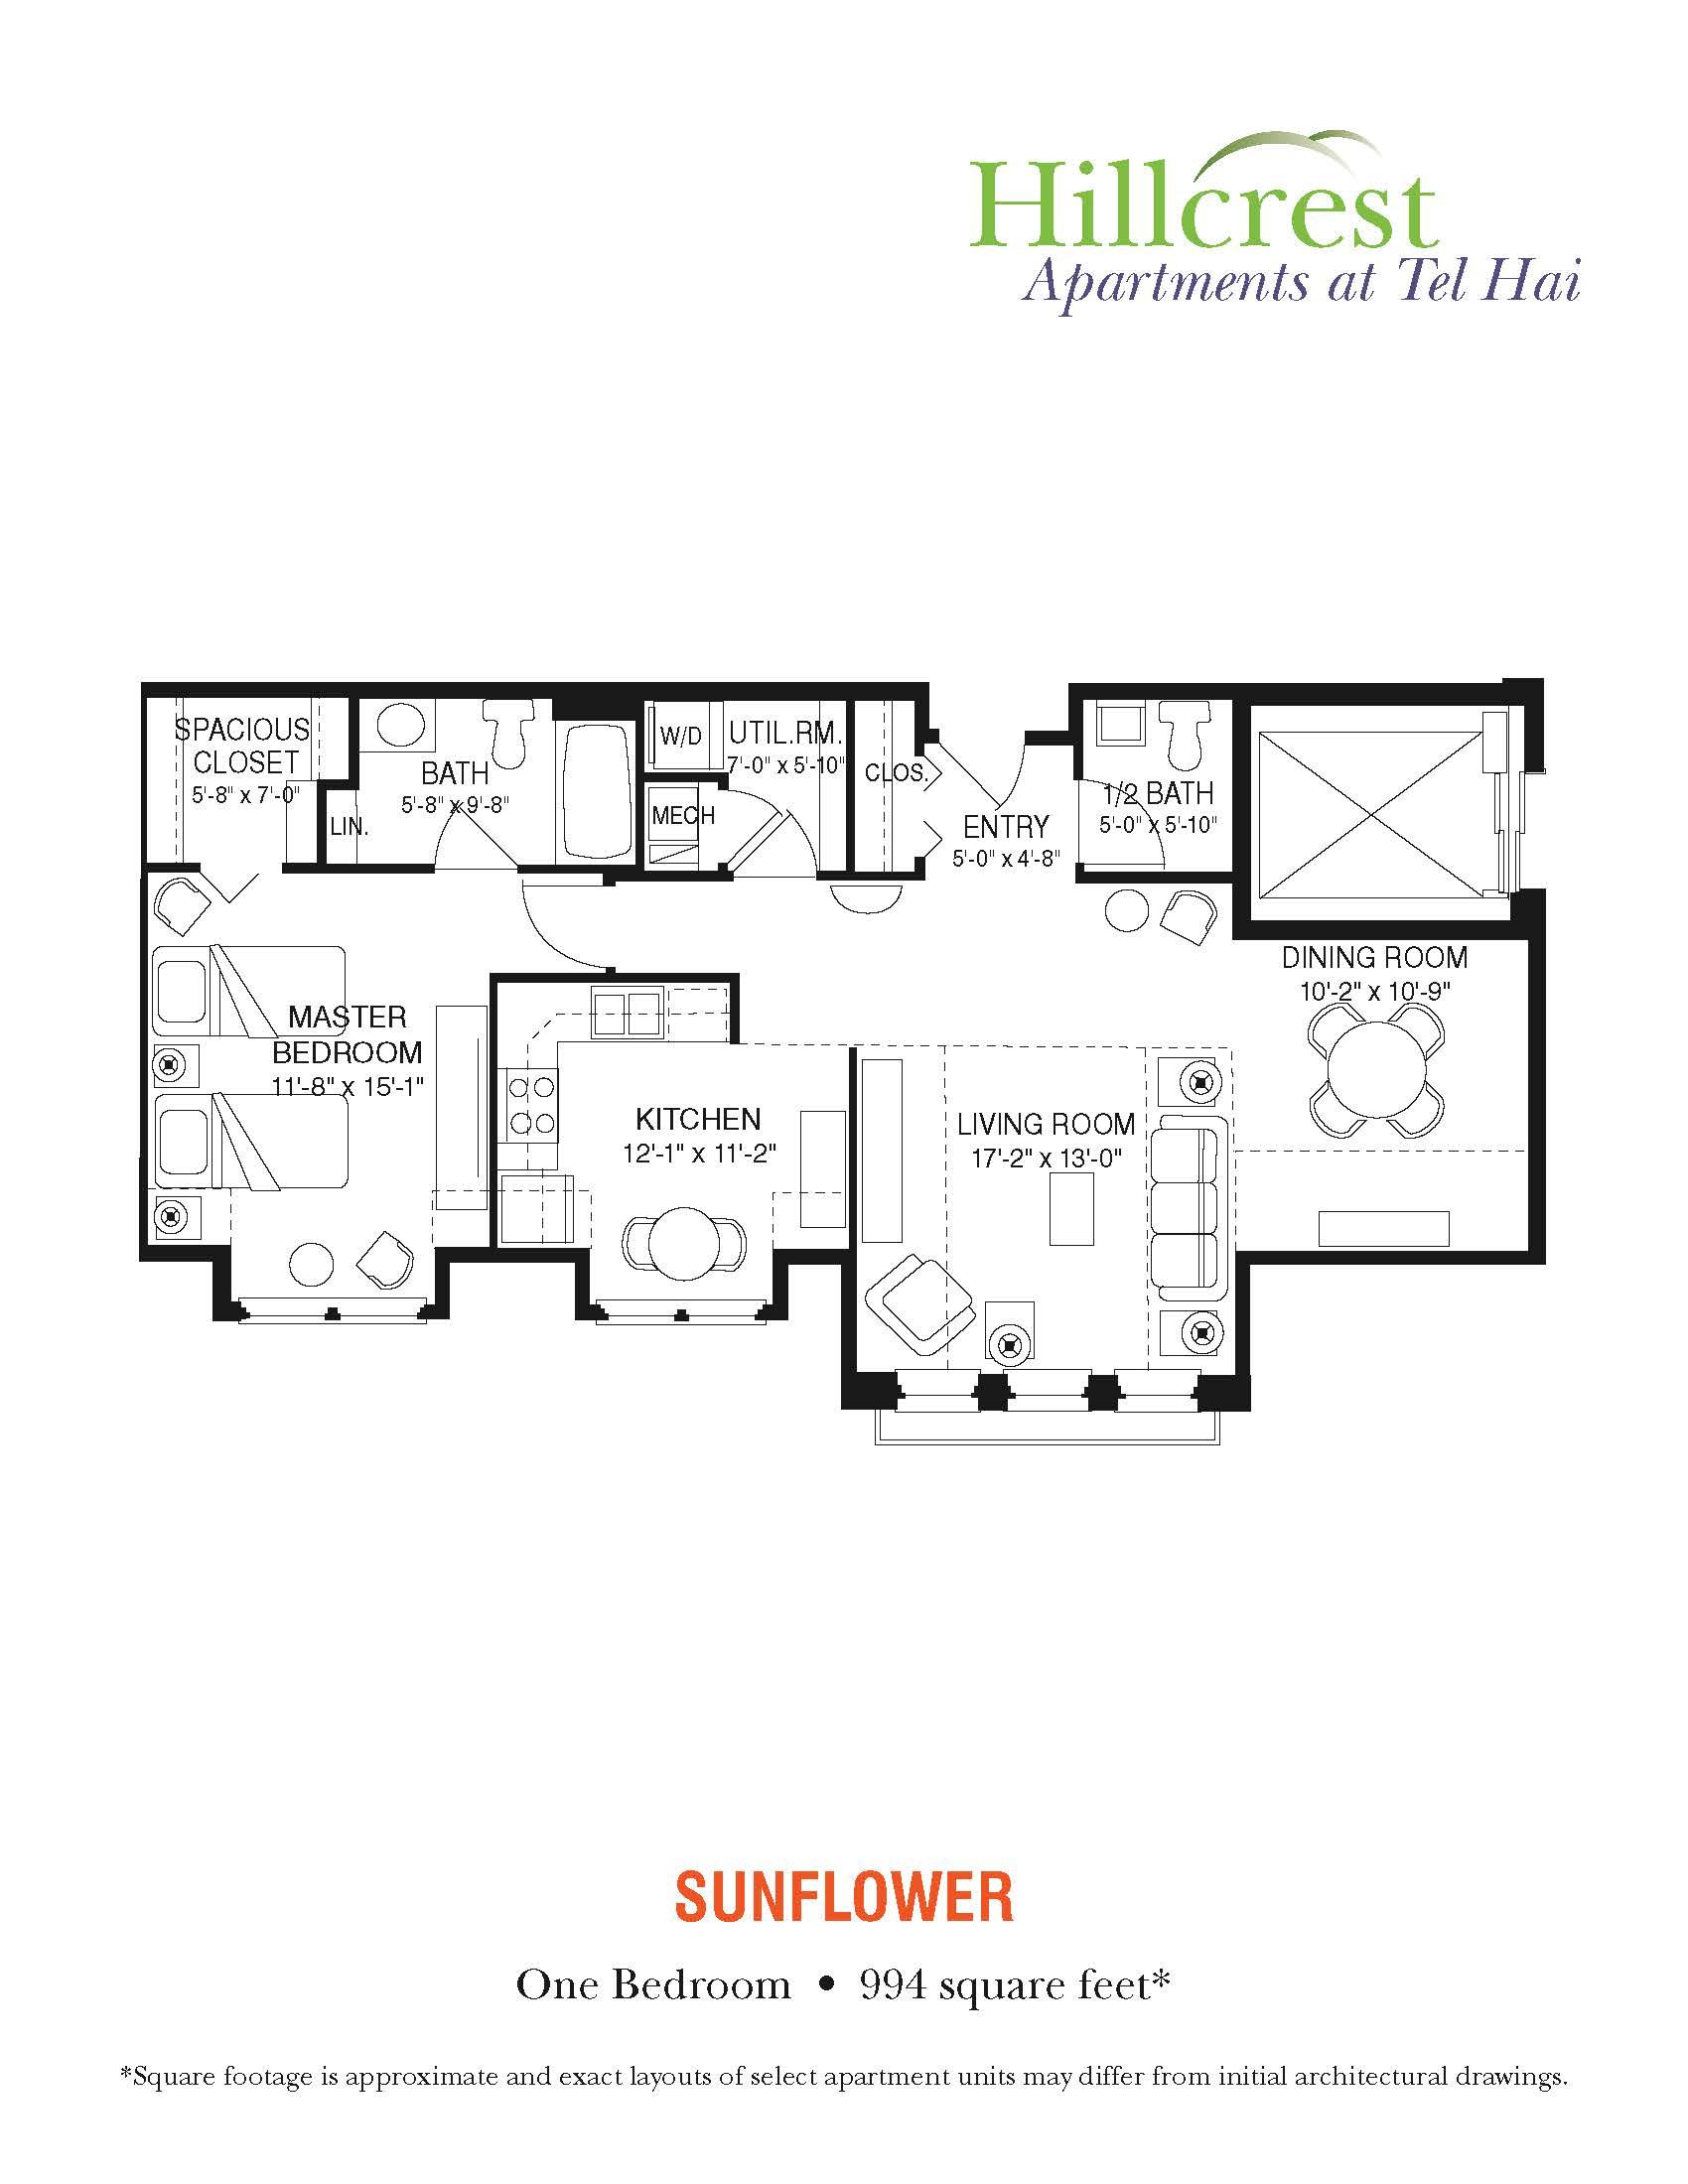 Sunflower Apartment at Tel Hai